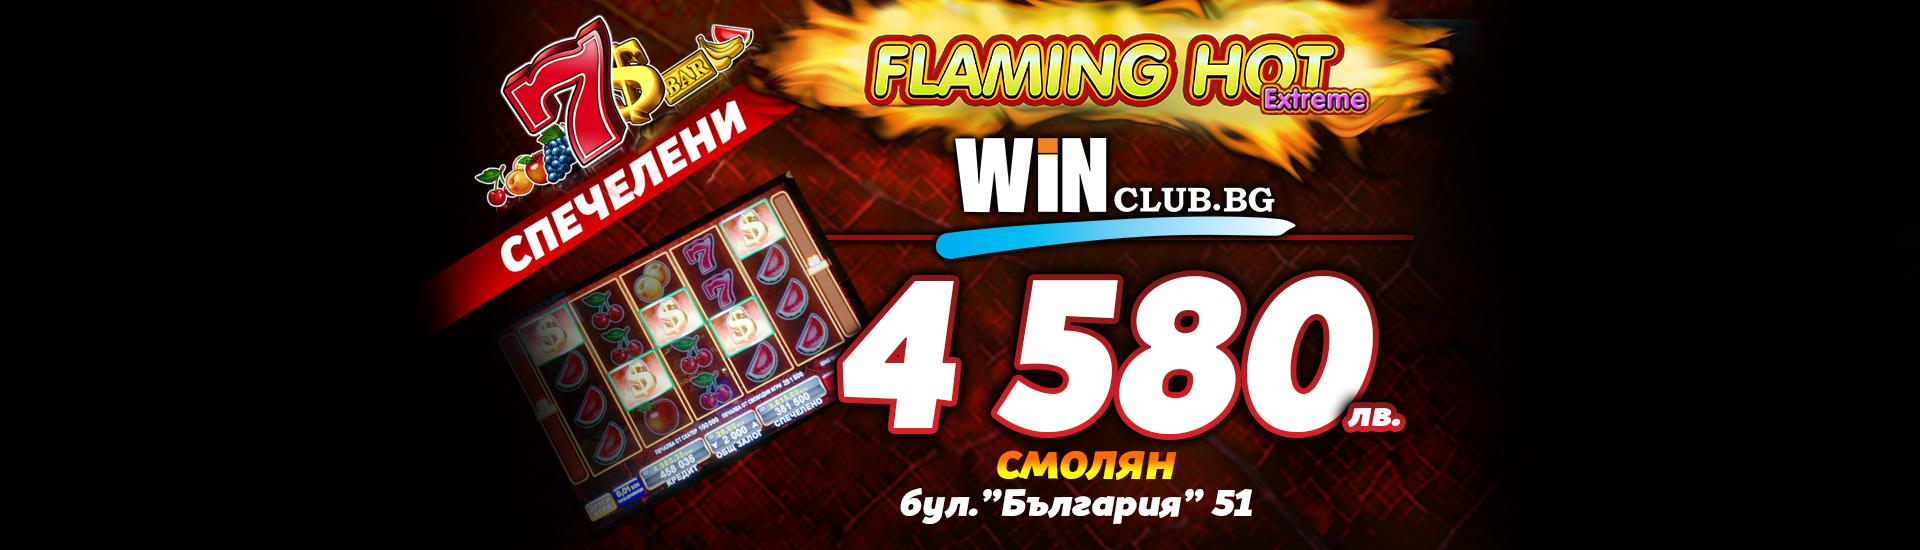 Smolqn-FlamingHot-Extreme-Site